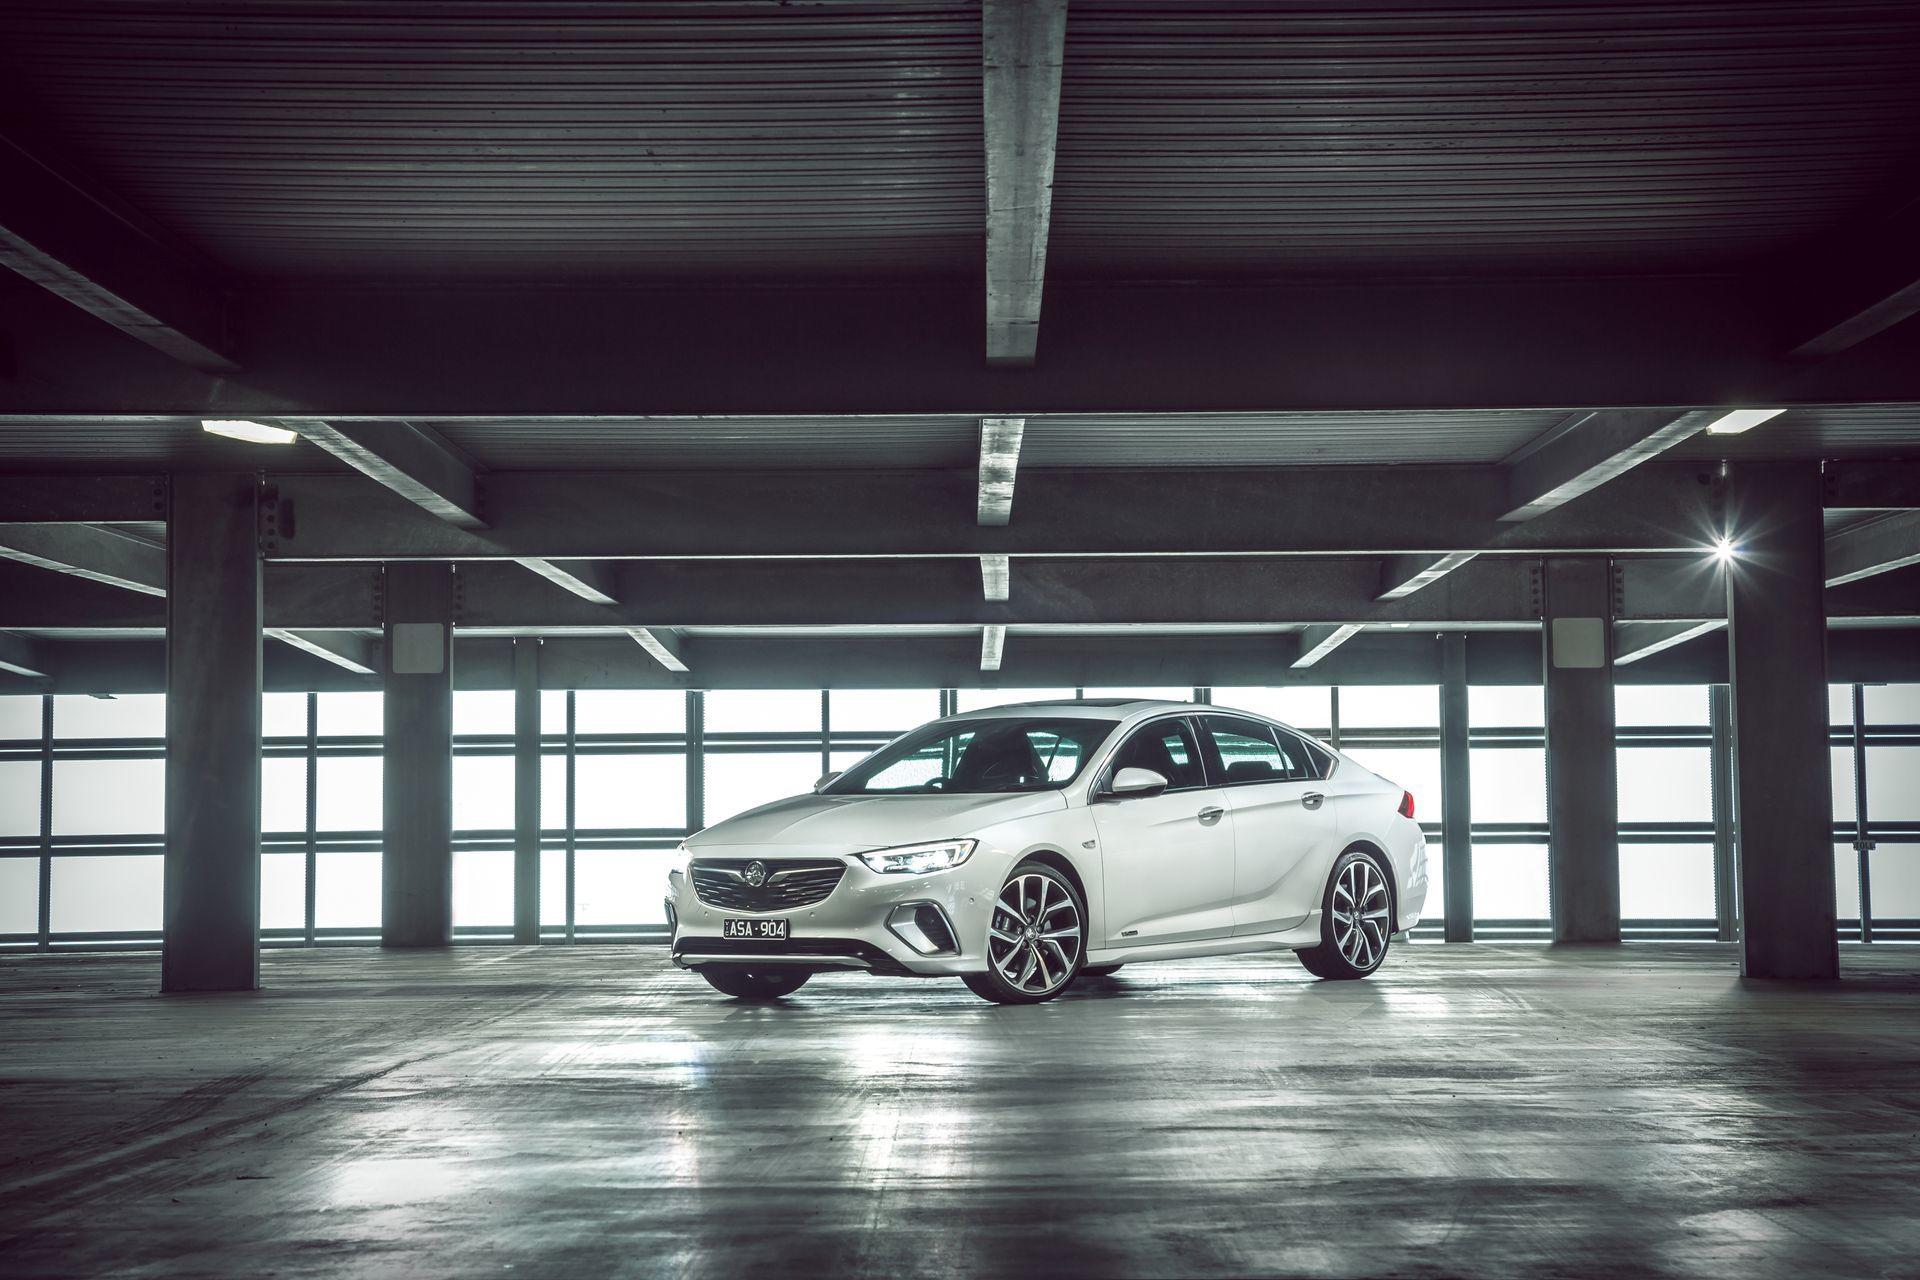 Opel Insignia V6 5